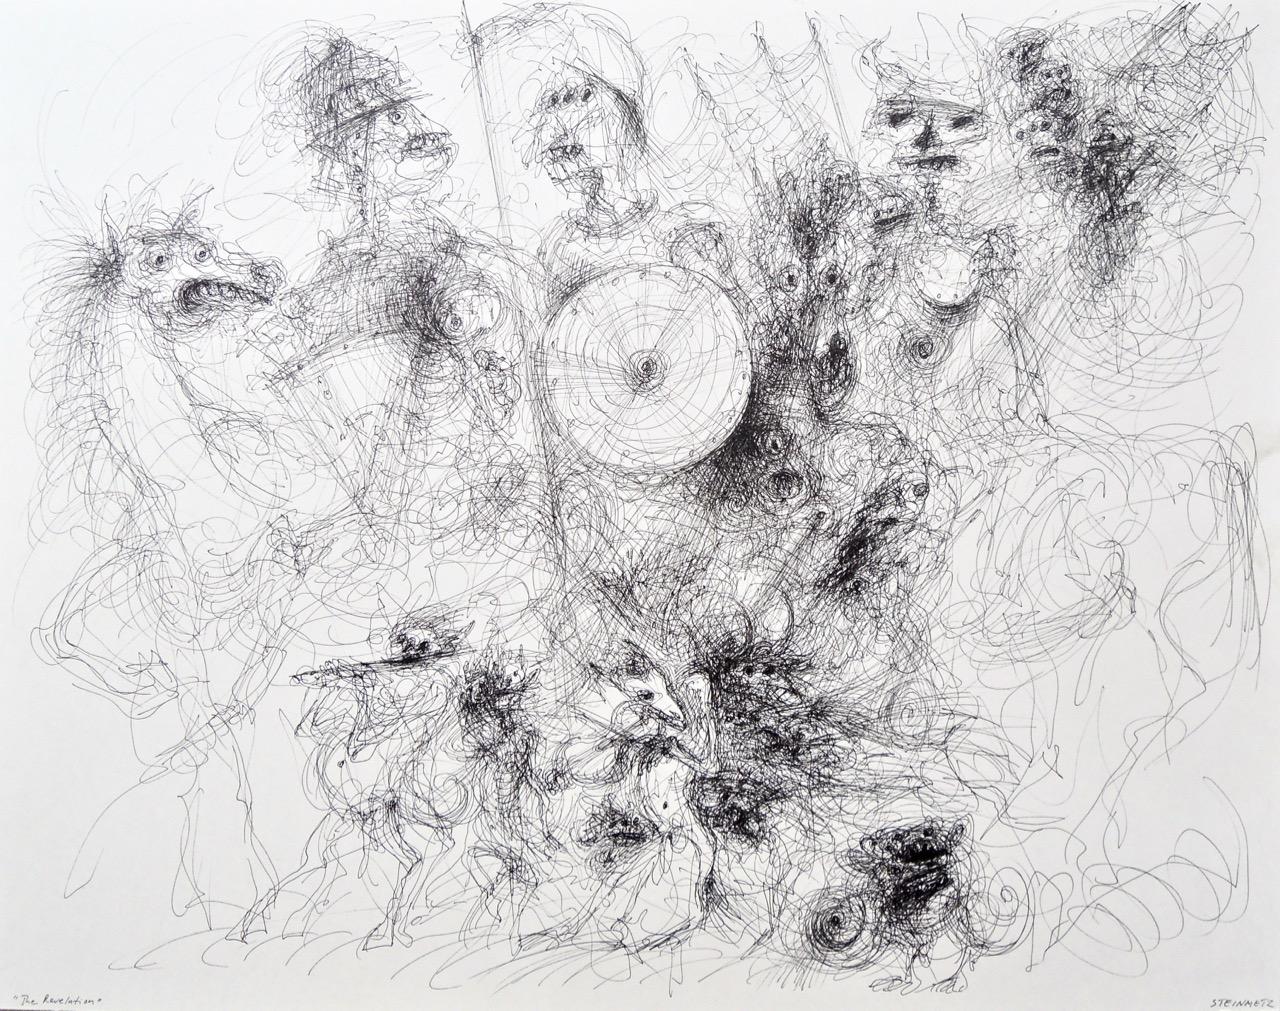 """Artist: Leon Steinmetz  Name: Revelation  Size: 22"""" x 28""""  Method: Pen & black ink, brush, etc.  Condition: original  Price:  Inquire"""